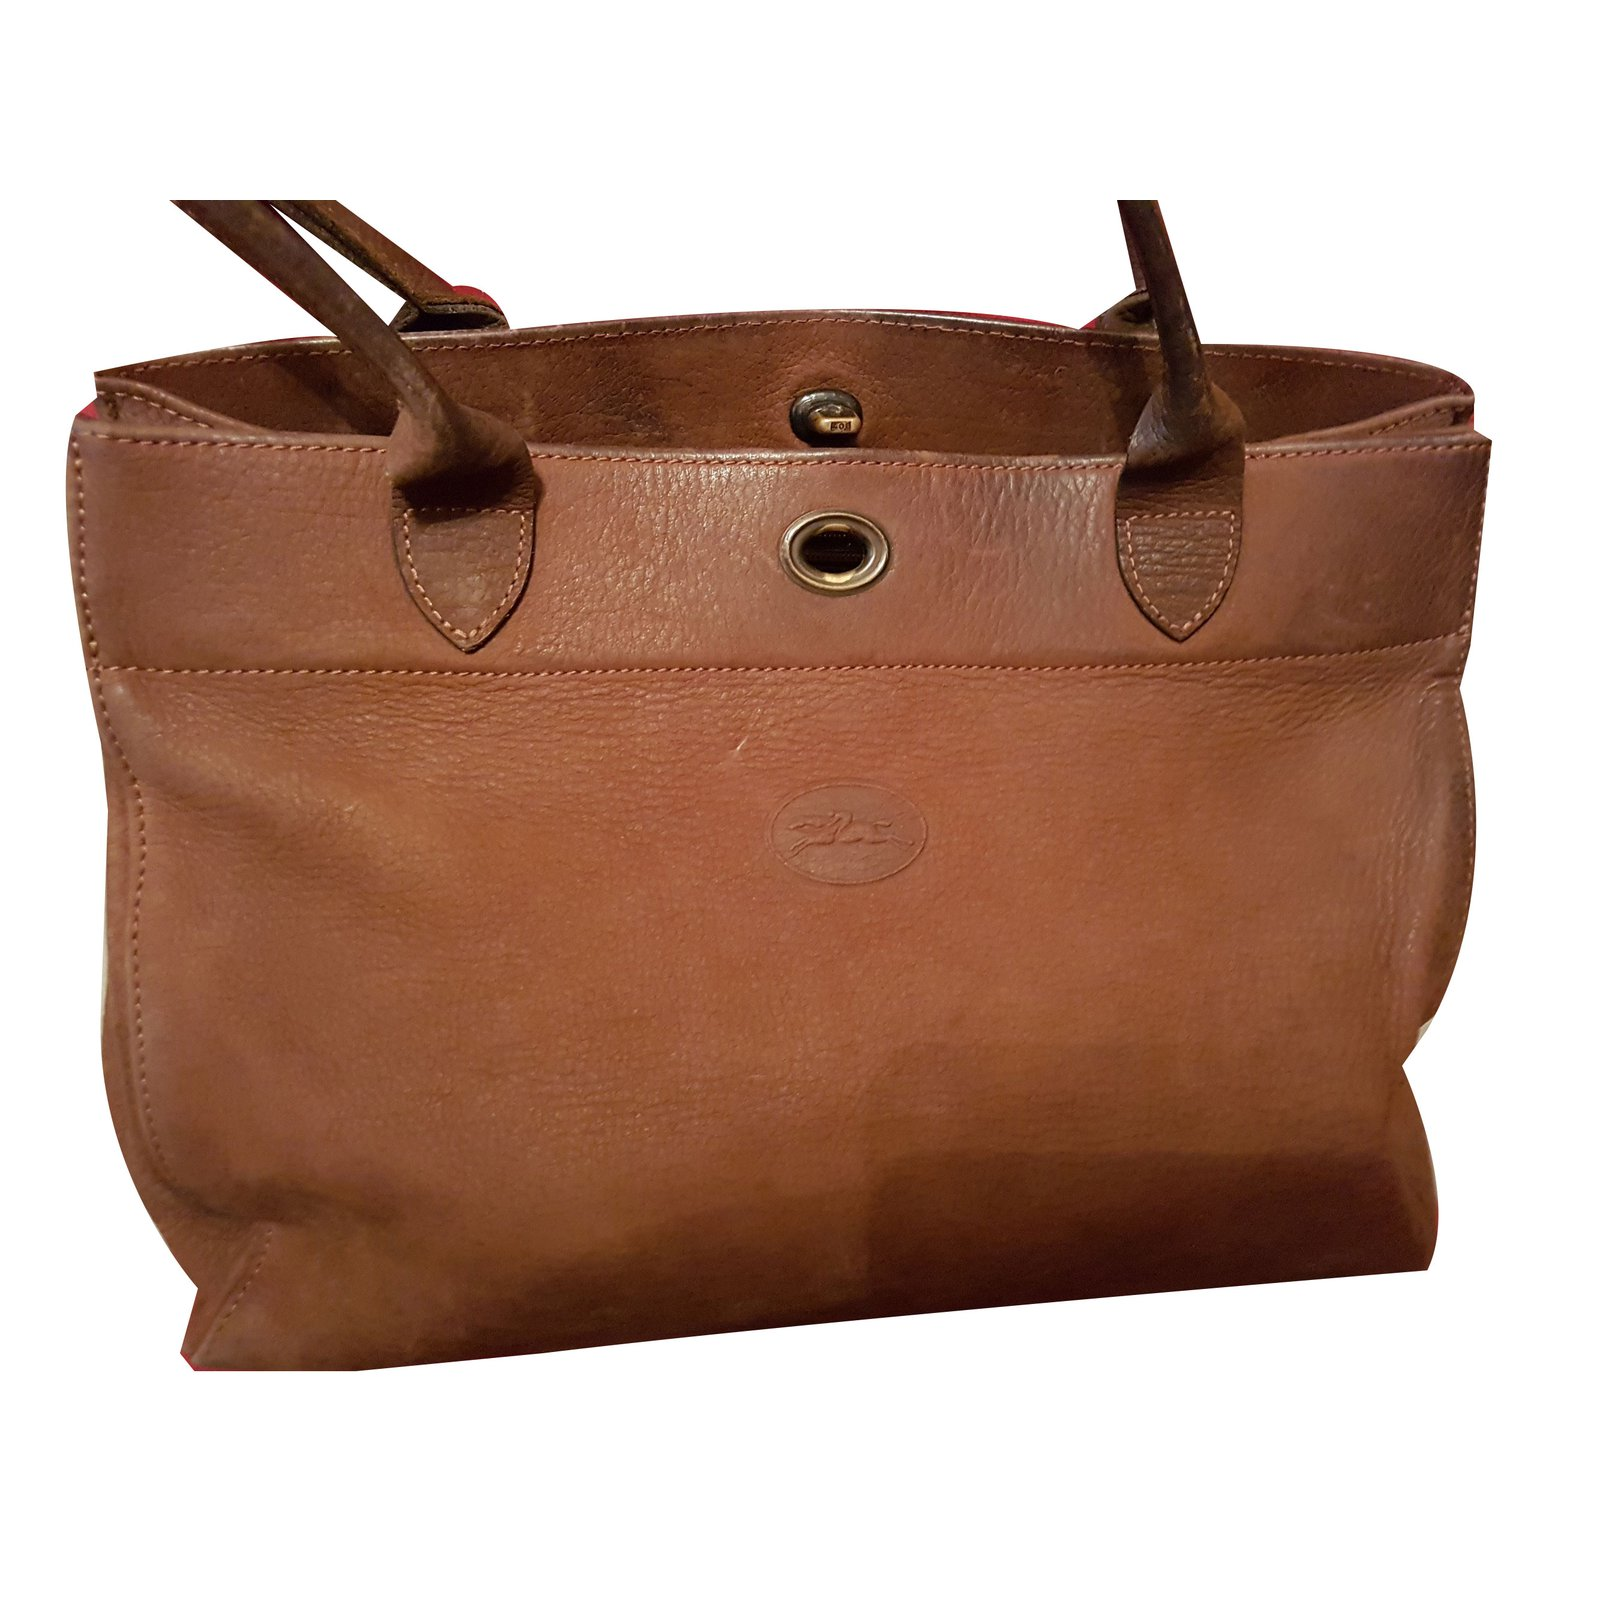 5d14507f3fa3 Longchamp Handbags Handbags Deerskin Caramel ref.68224 - Joli Closet